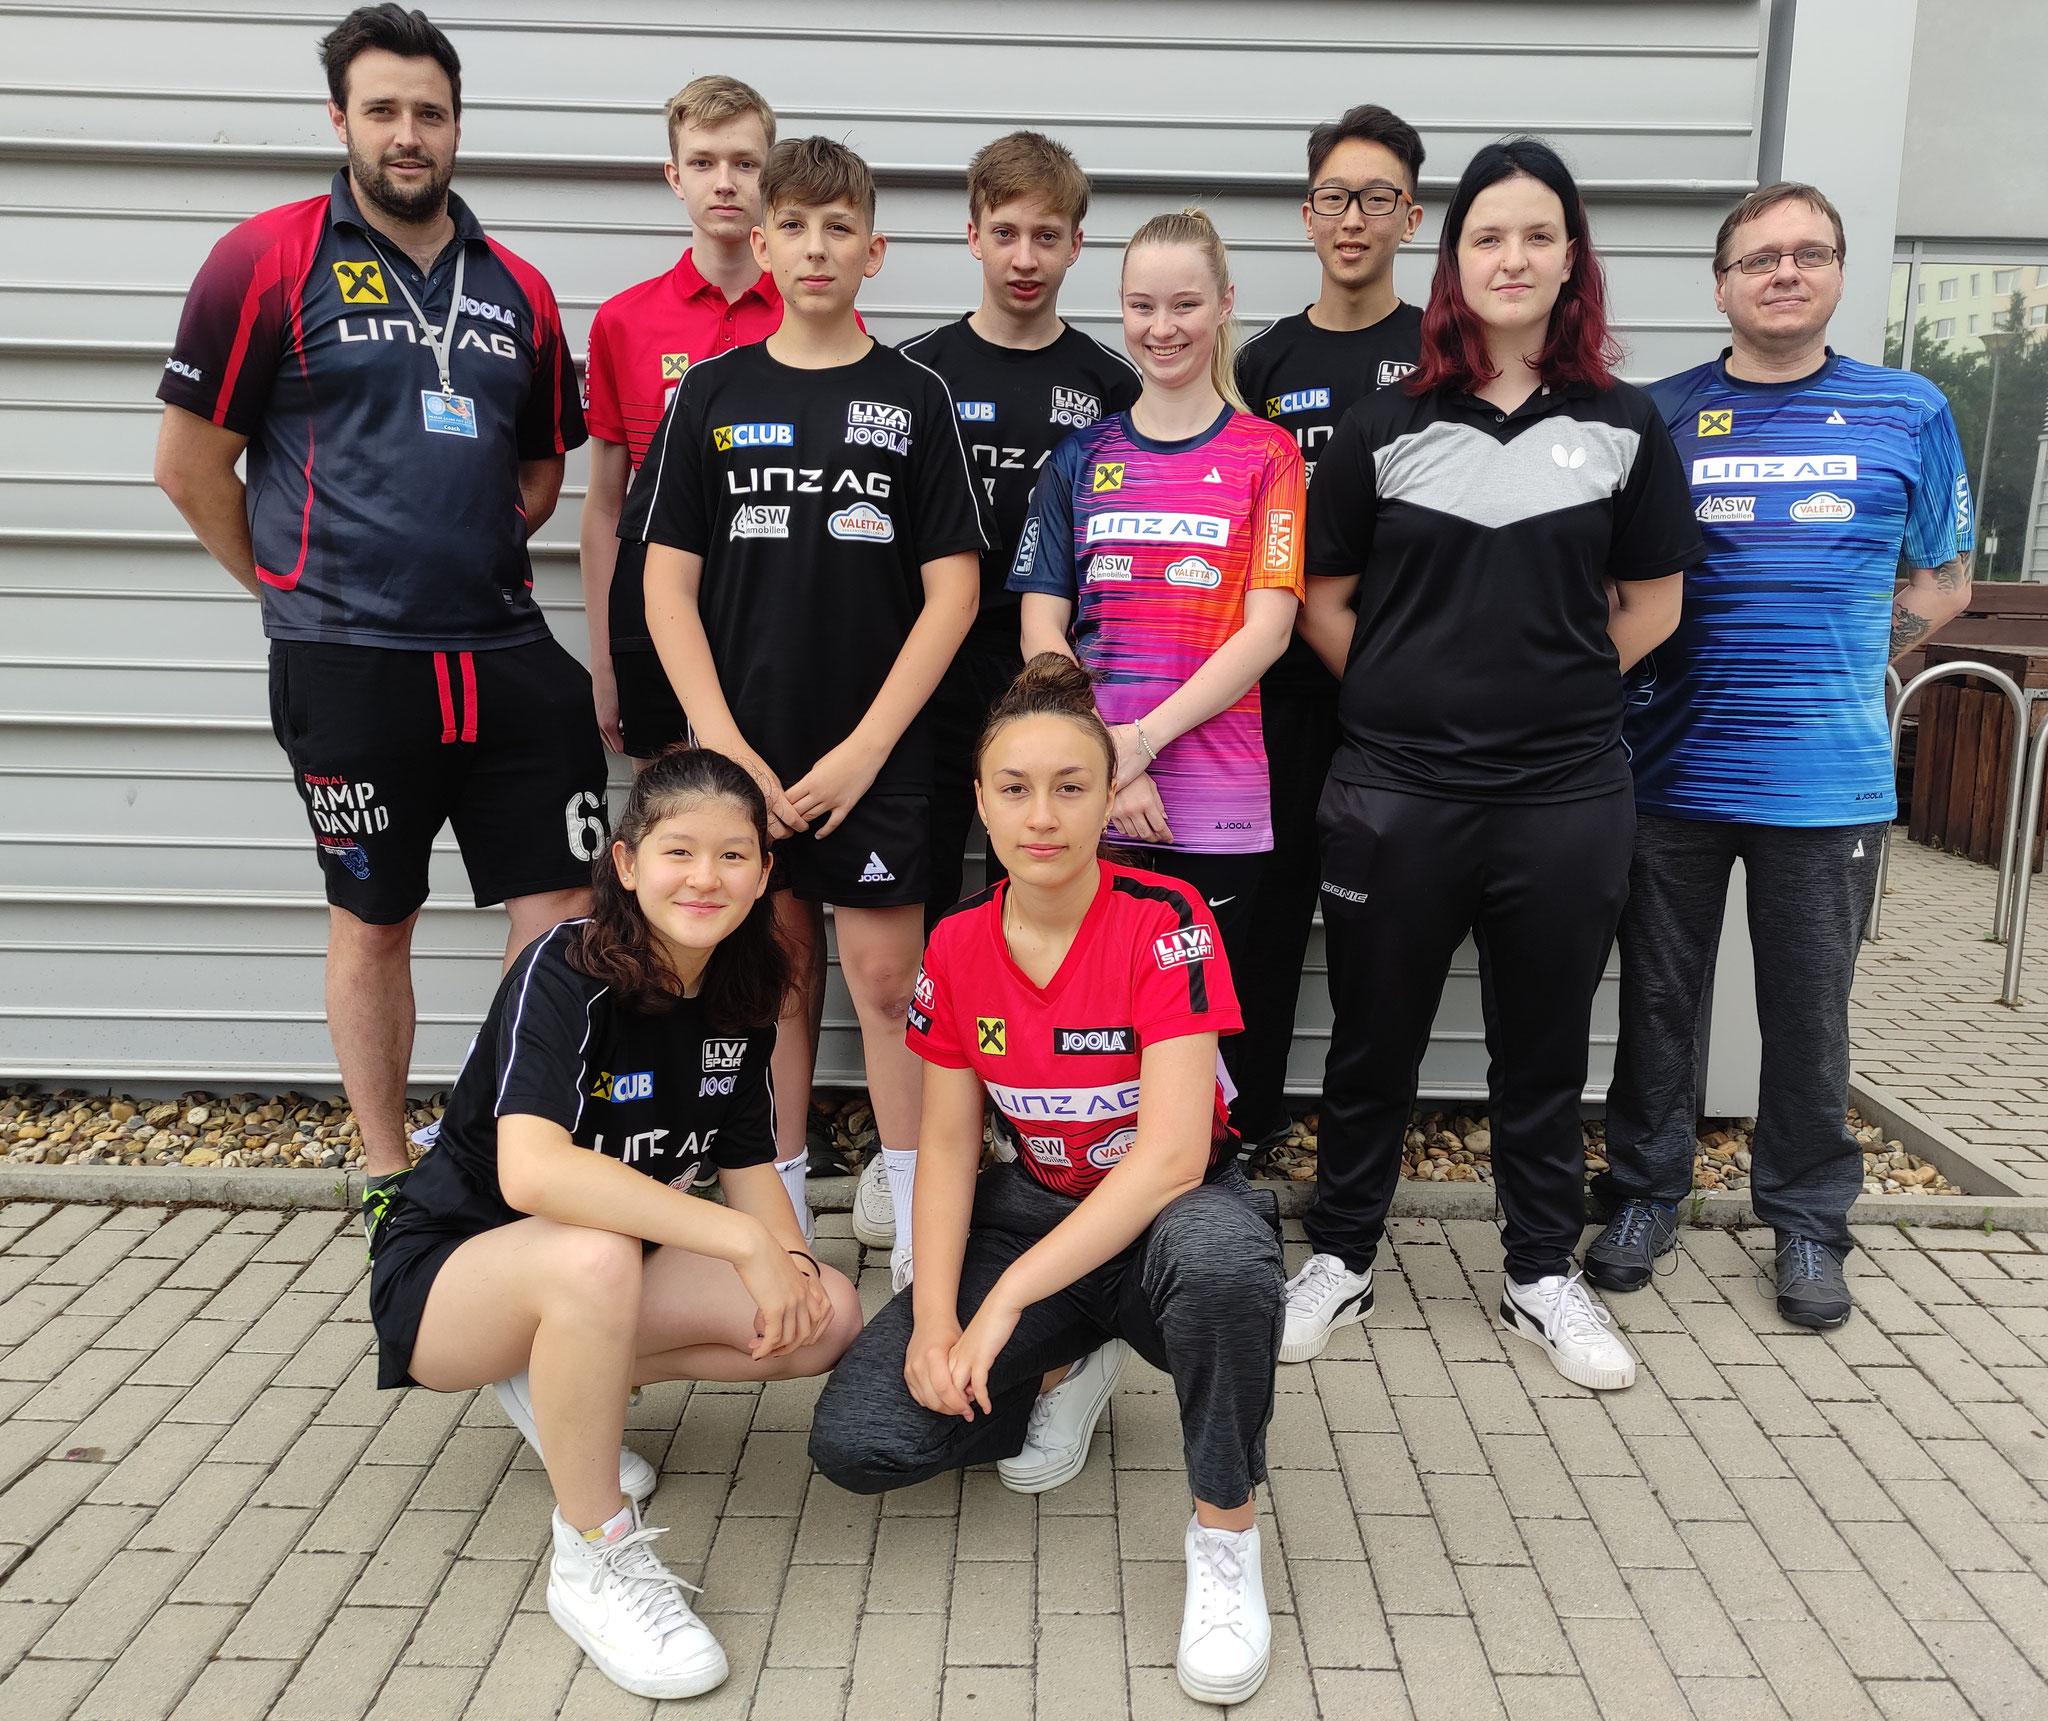 LINZ AG Froschberg Nachwuchs + Gastspielerinnen in Prag 2021